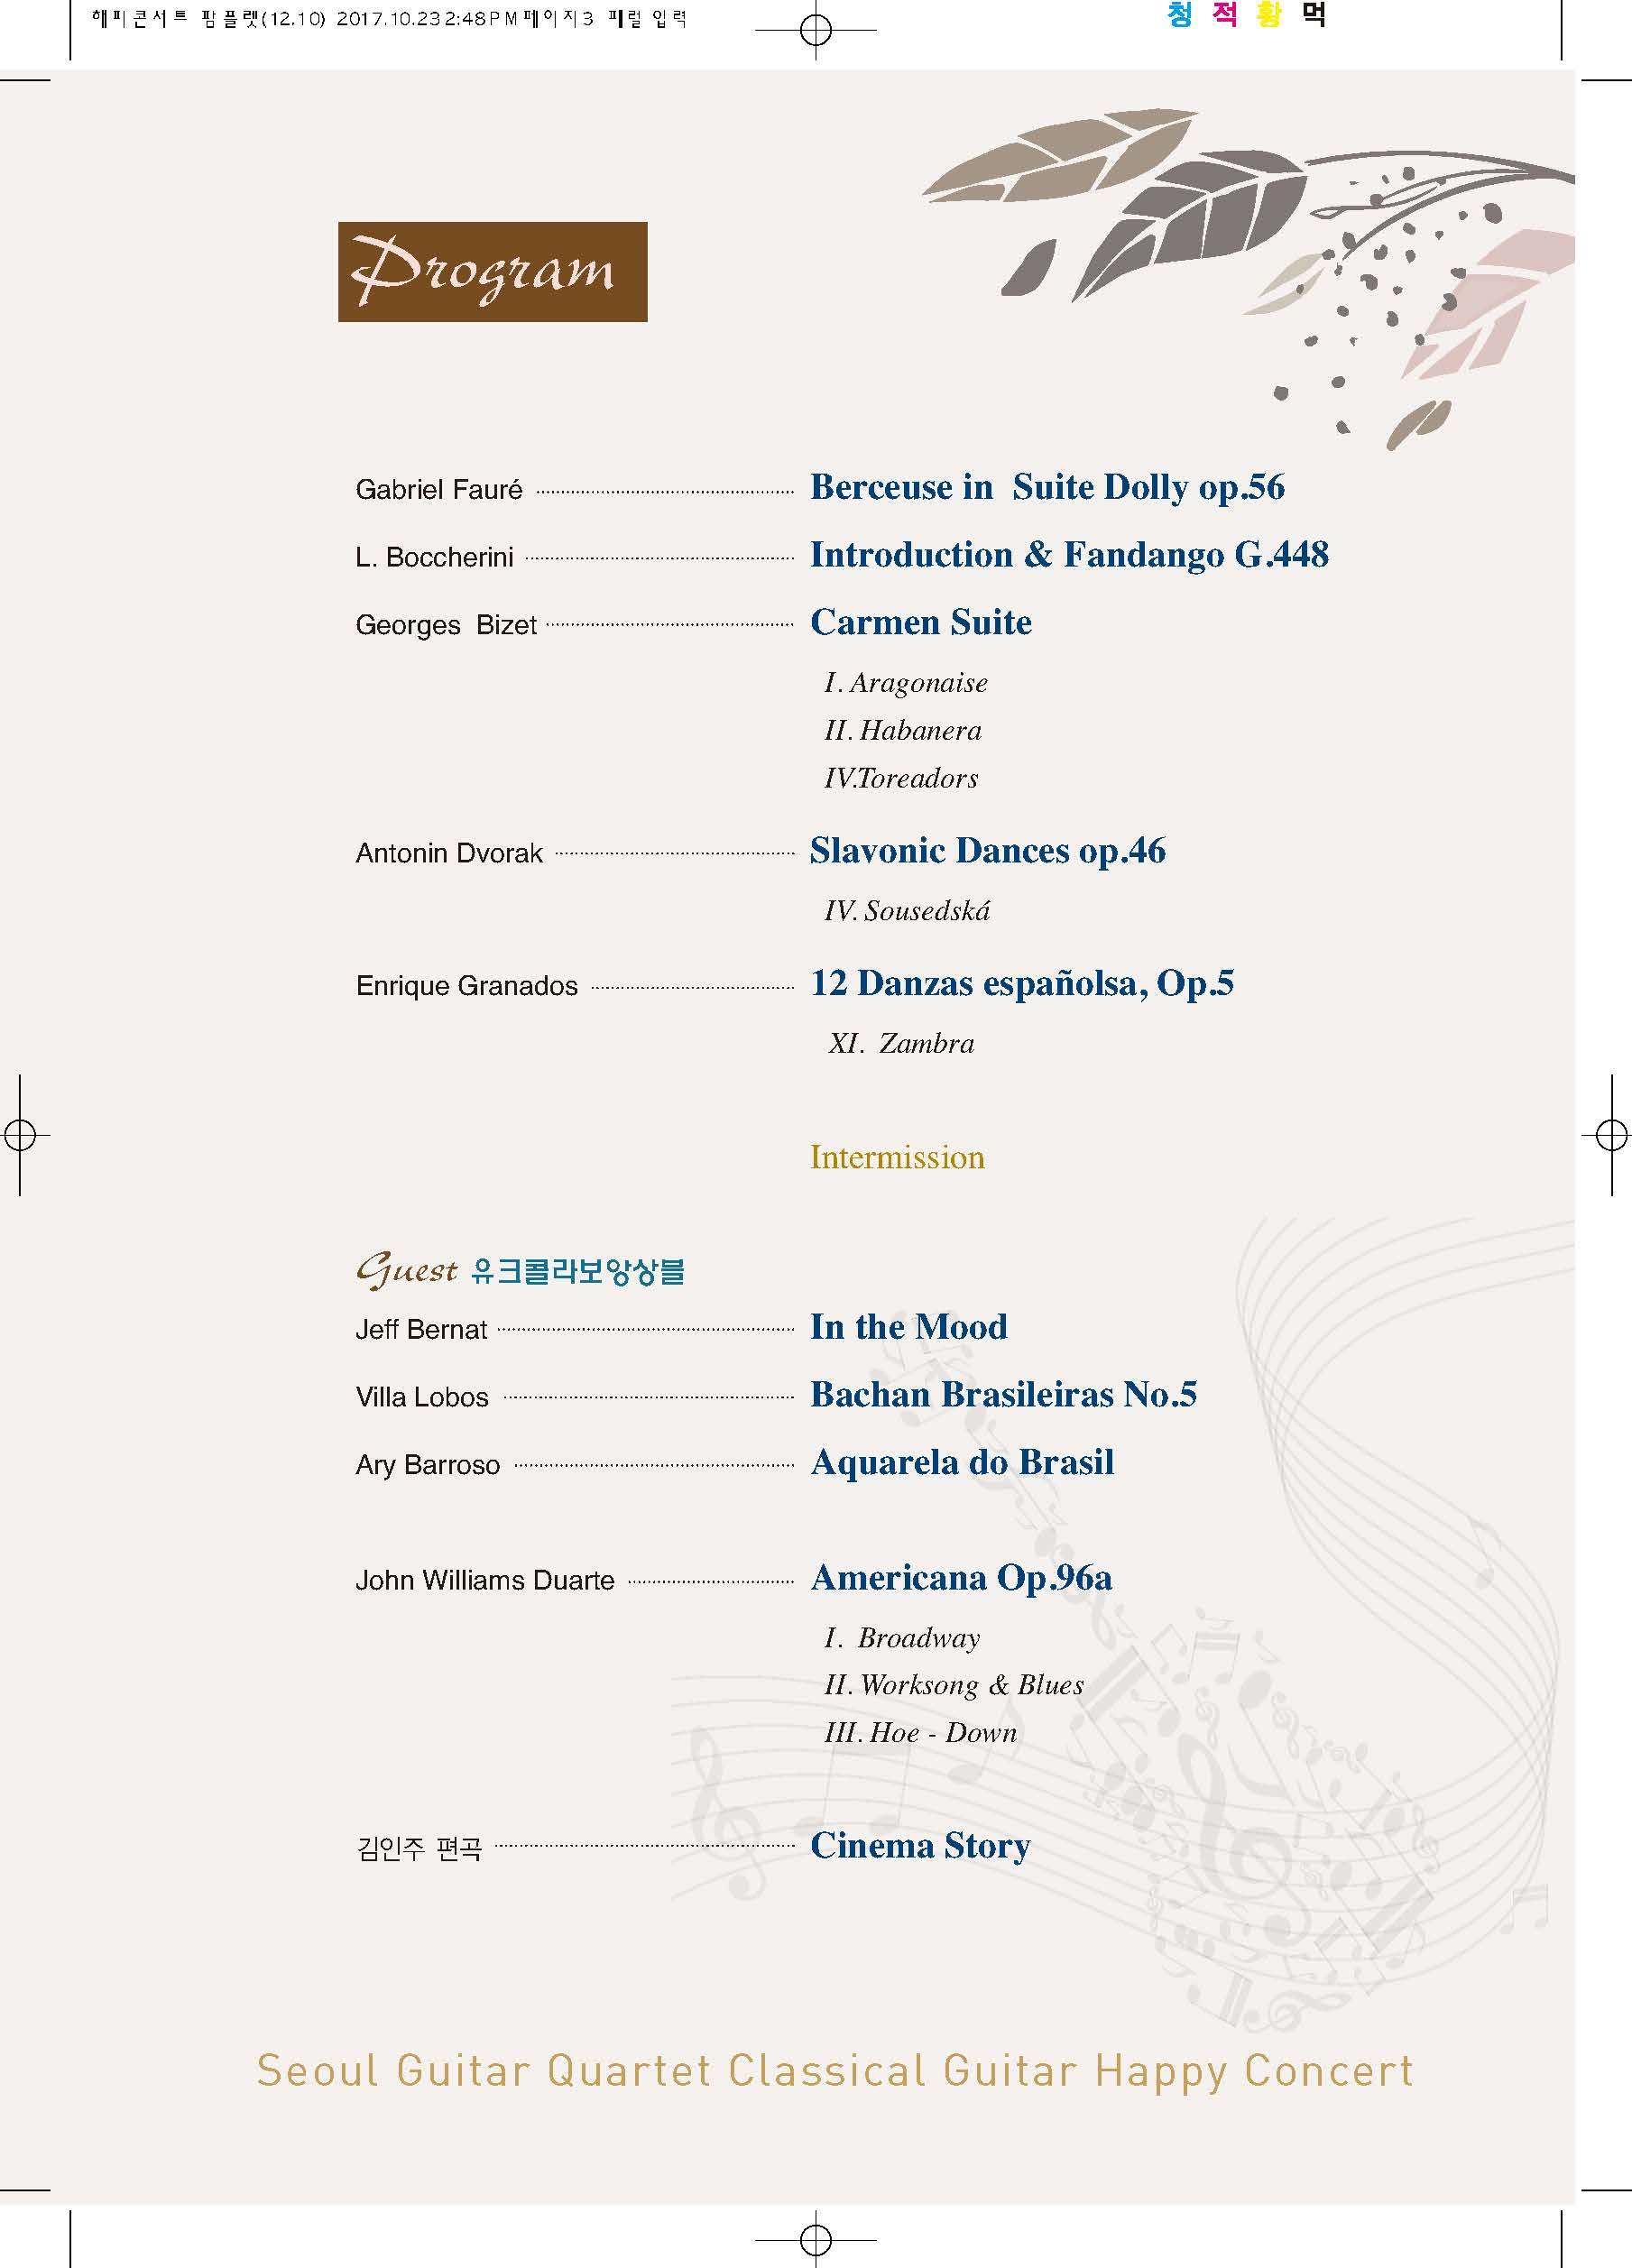 서울기타콰르텟 - 해피콘서트 팜플렛 - 12.10_Page_3.jpg